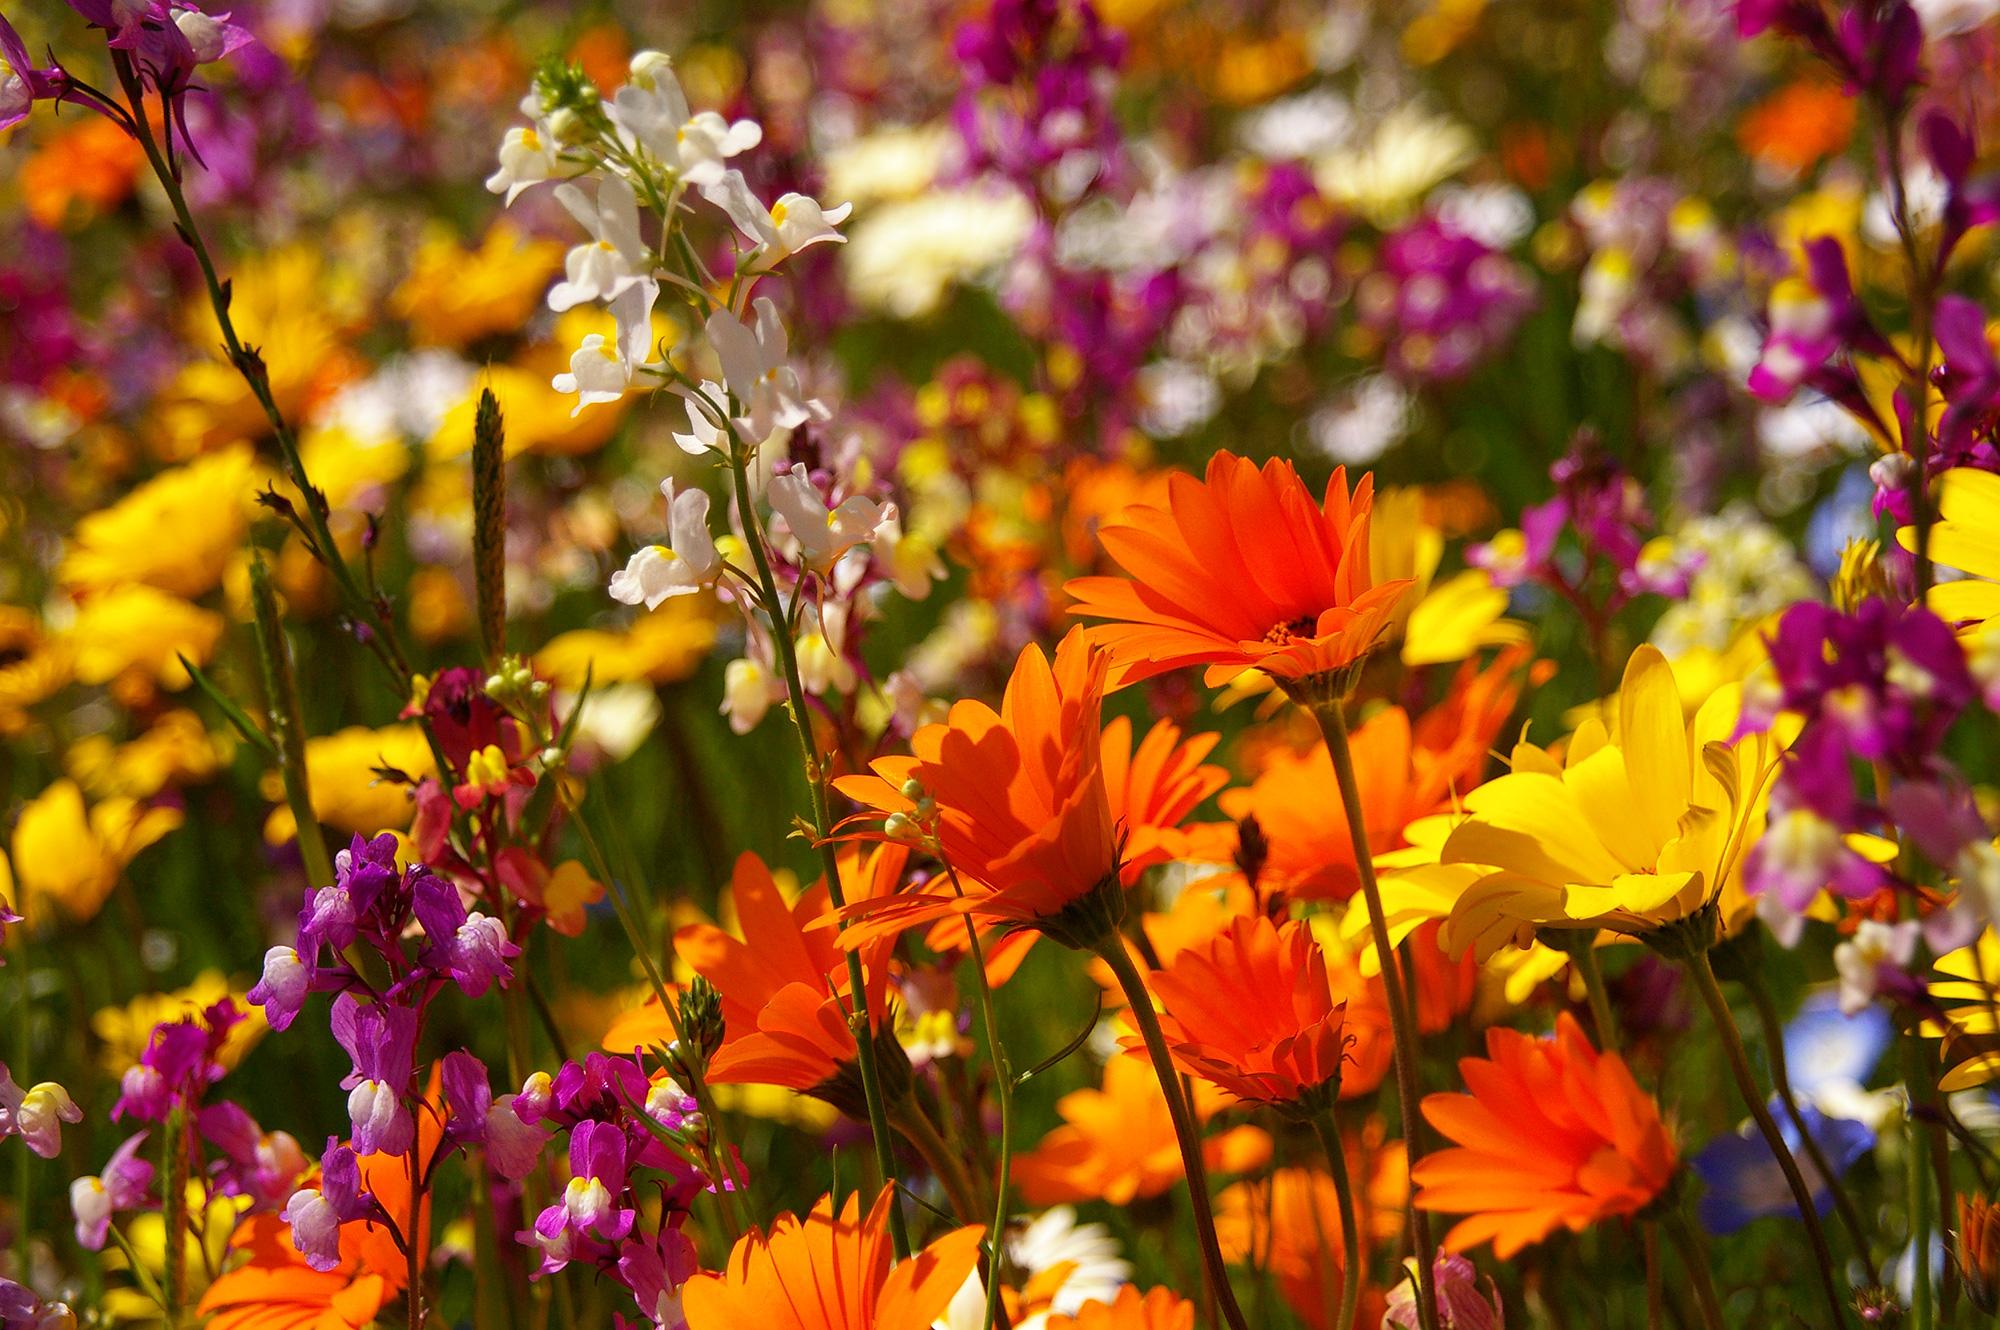 色彩豊かな花畑の写真のフリー素材